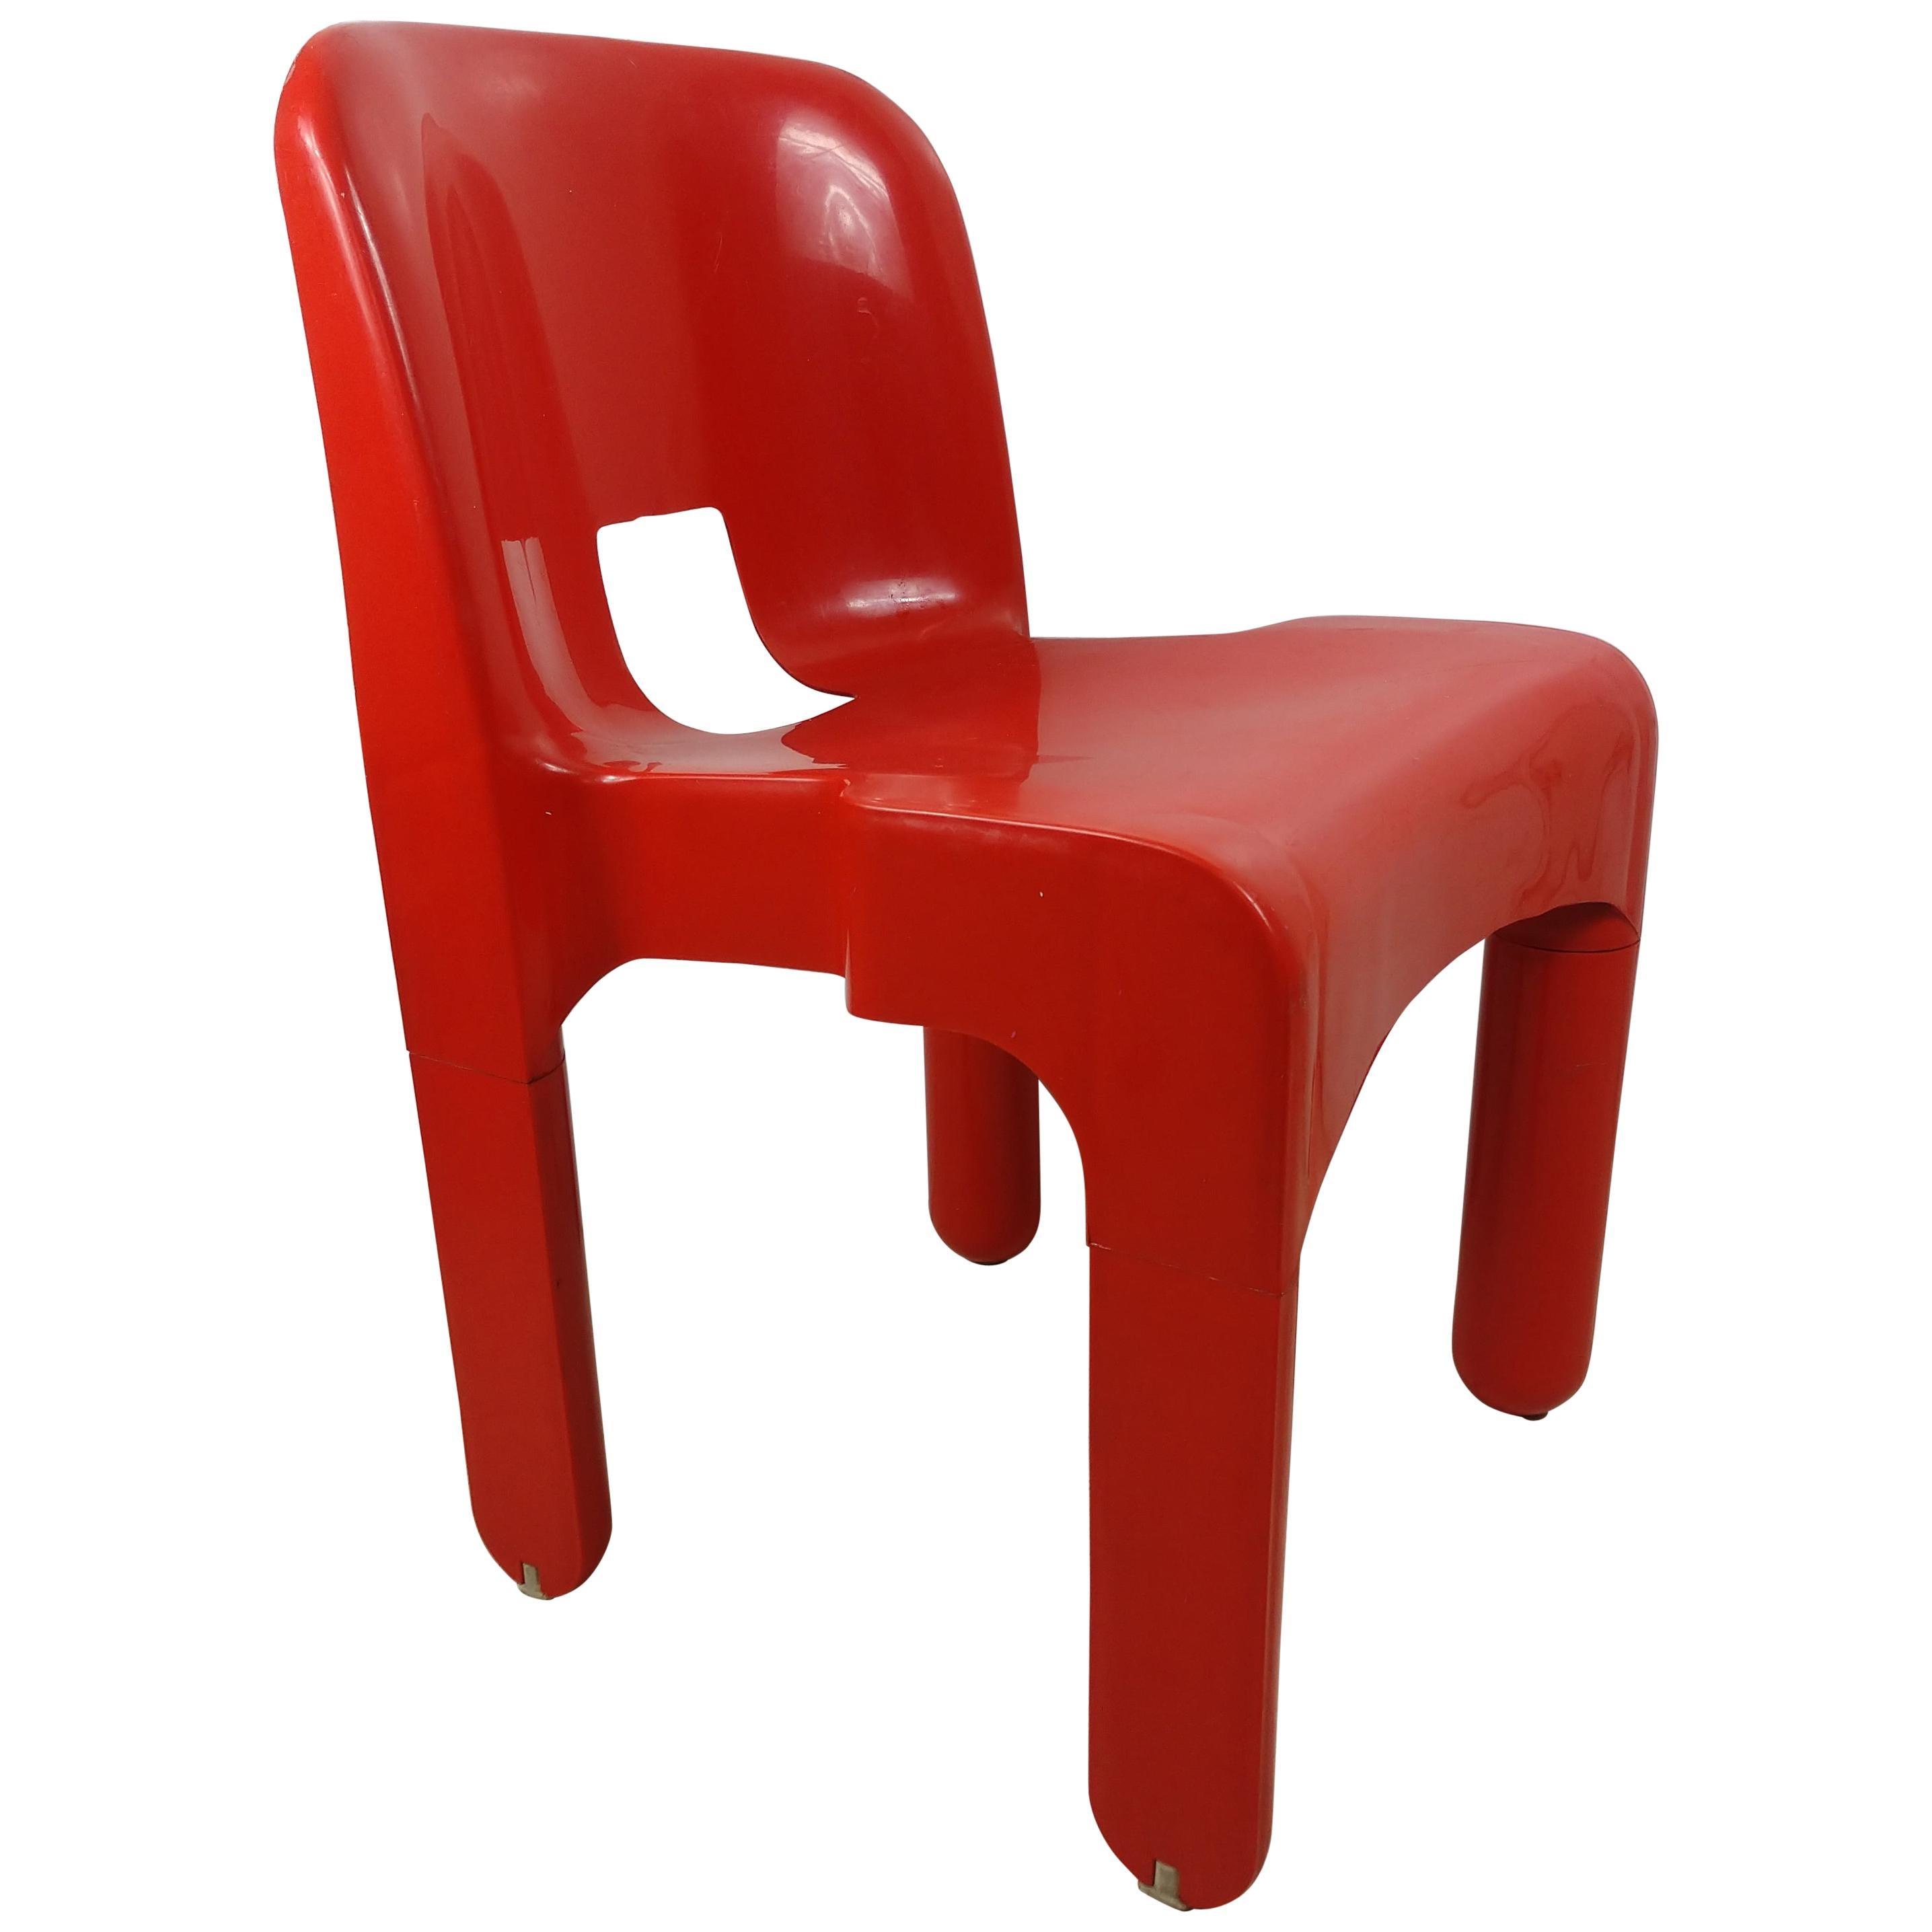 Joe Columbo for Kartell Red Plastic Pop Art Universals Model # 4867